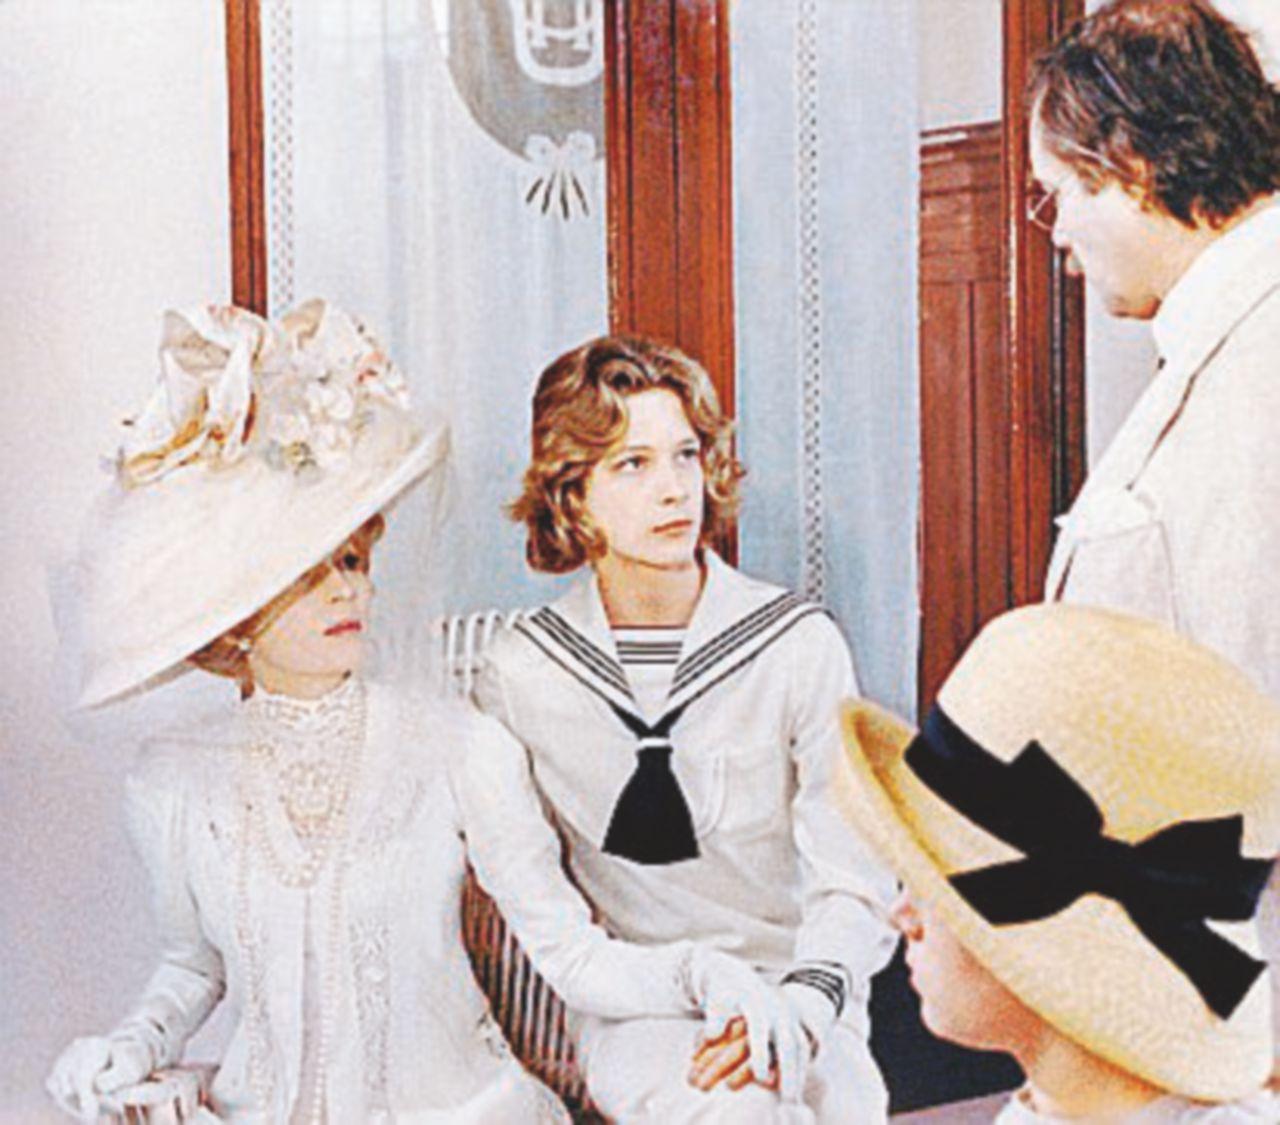 Olmi e Visconti: il restauro andrà in scena a Venezia